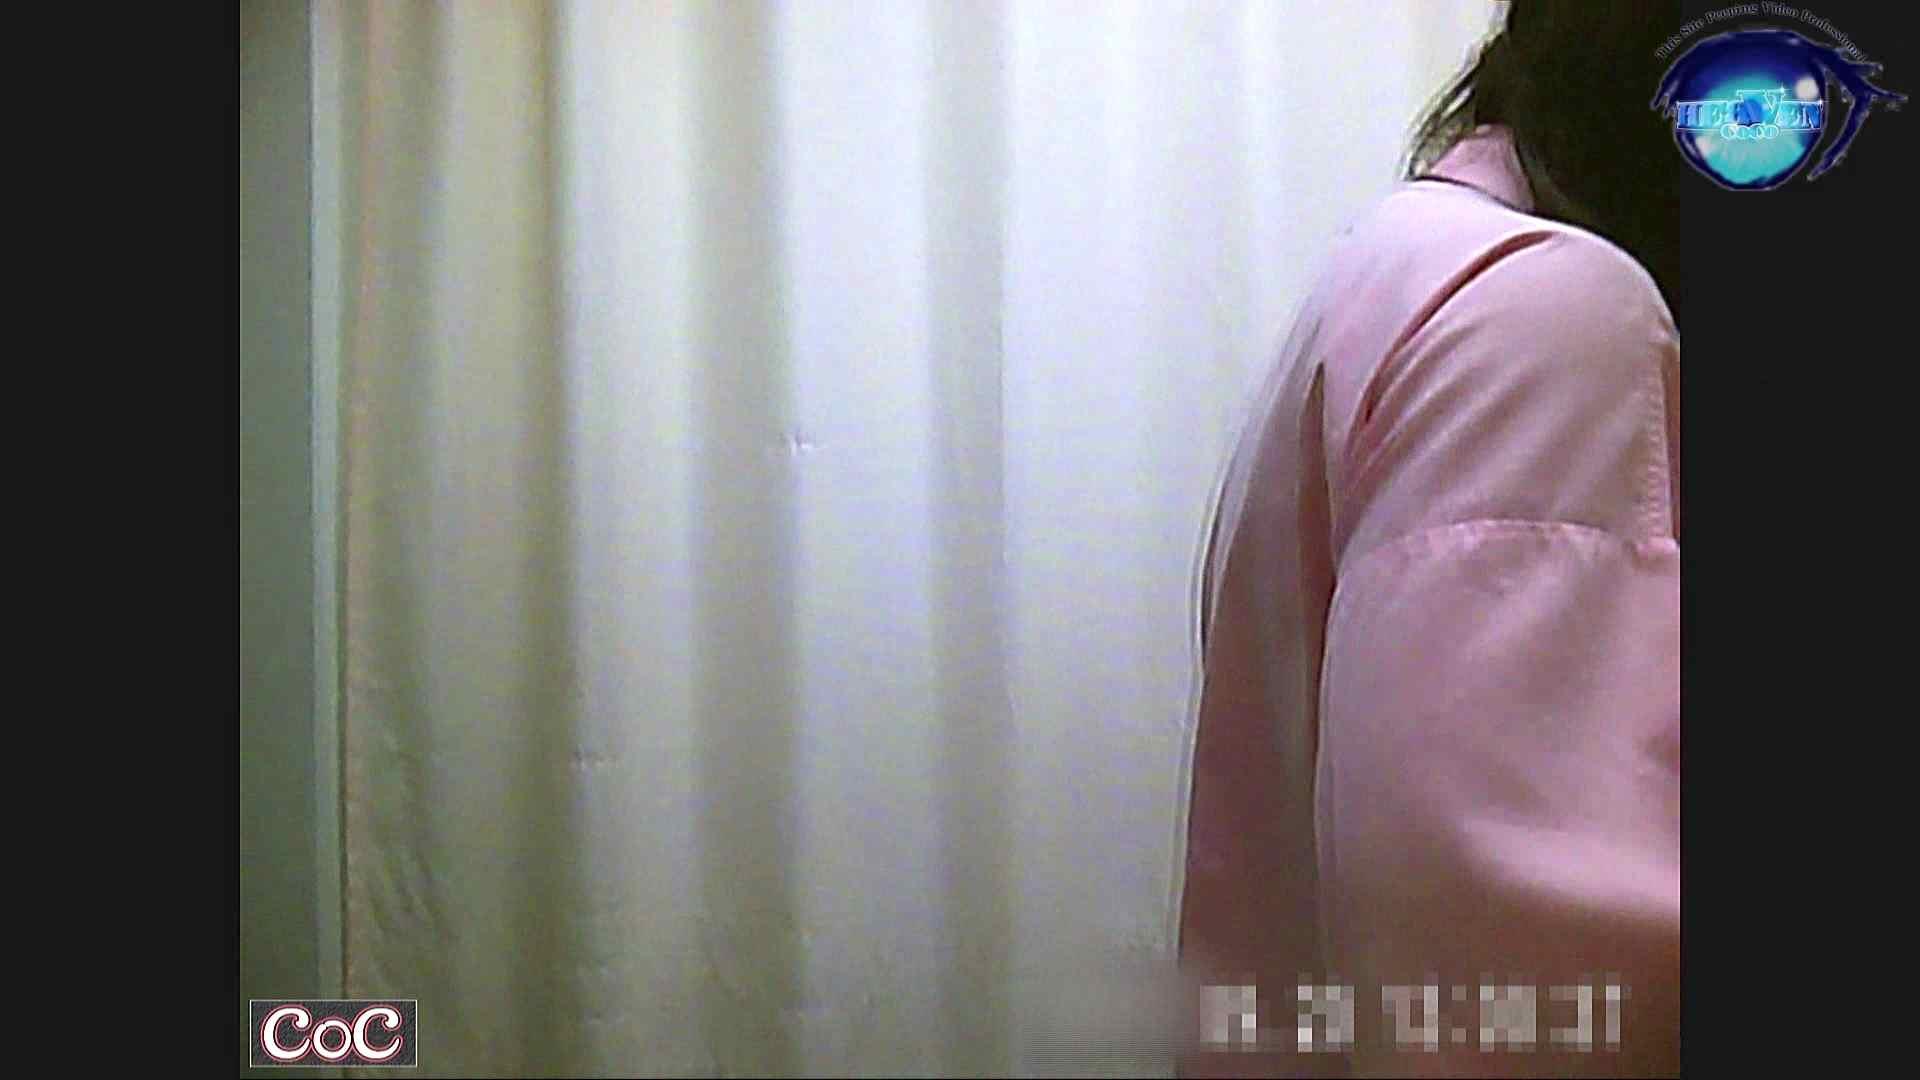 激ヤバ健康診断!着替えの一部始終.vol.29 ※本編ボカシ・目線無し 着替え AV無料動画キャプチャ 75連発 39